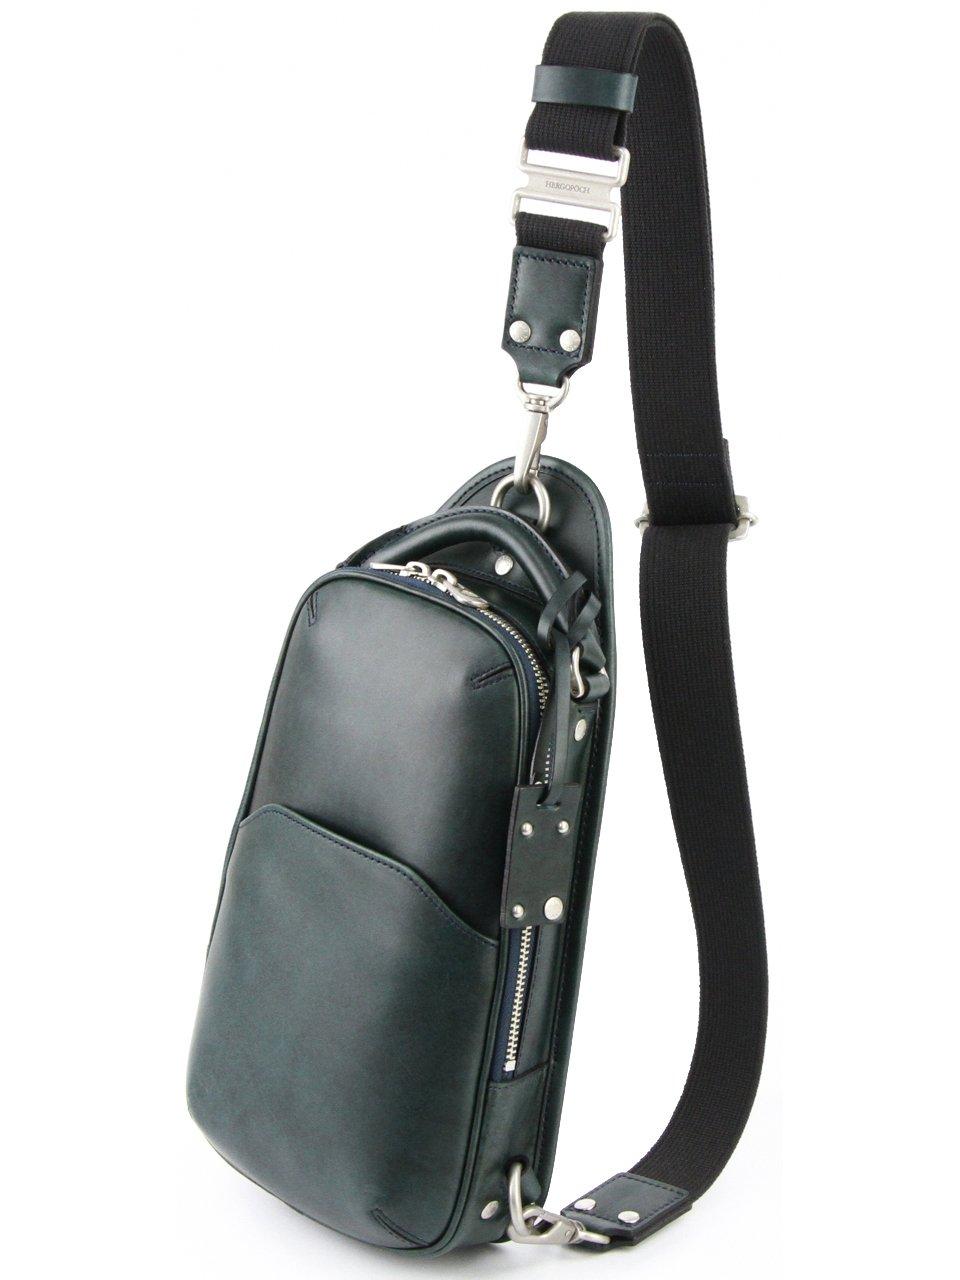 [エルゴポック] ワンショルダーバッグ 本革 06 ワキシングレザー 06-OS メンズ B00D3G095E ミッドナイトグリーン/ネイビー ミッドナイトグリーン/ネイビー